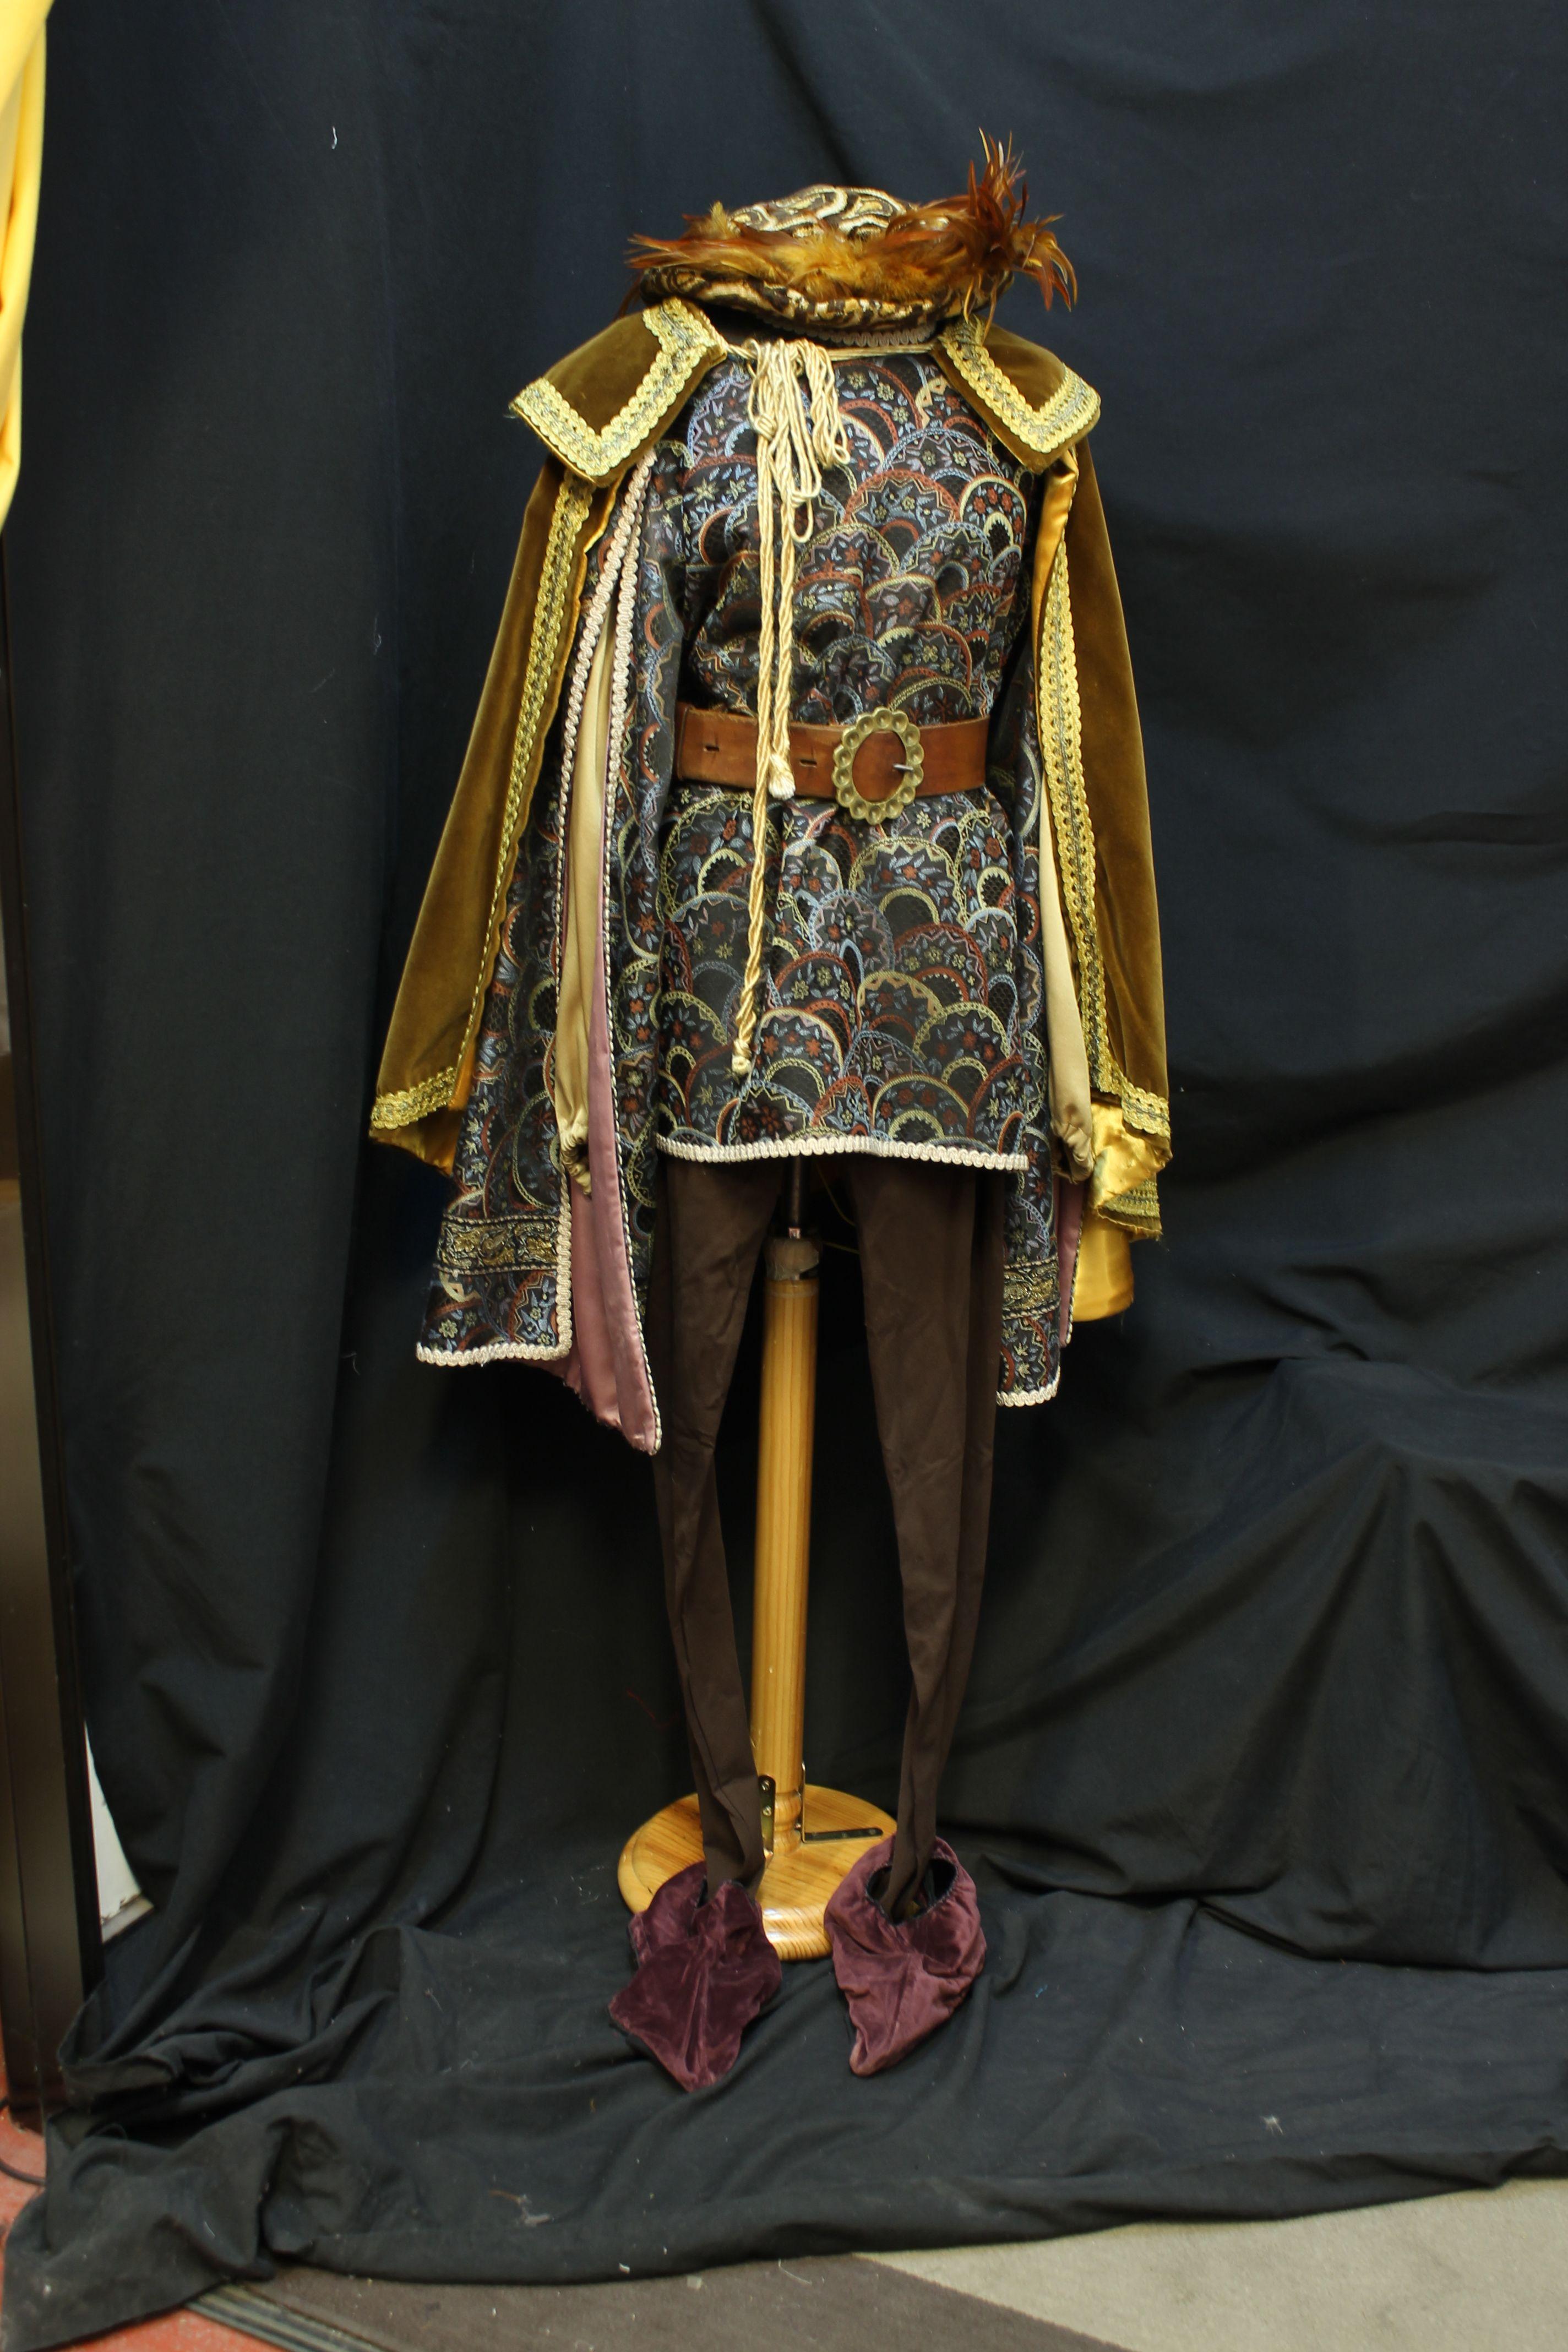 Paje Reyes Magos Vestuario Costumes Cabalgata Pajes Trajes De Películas Ropa Medieval